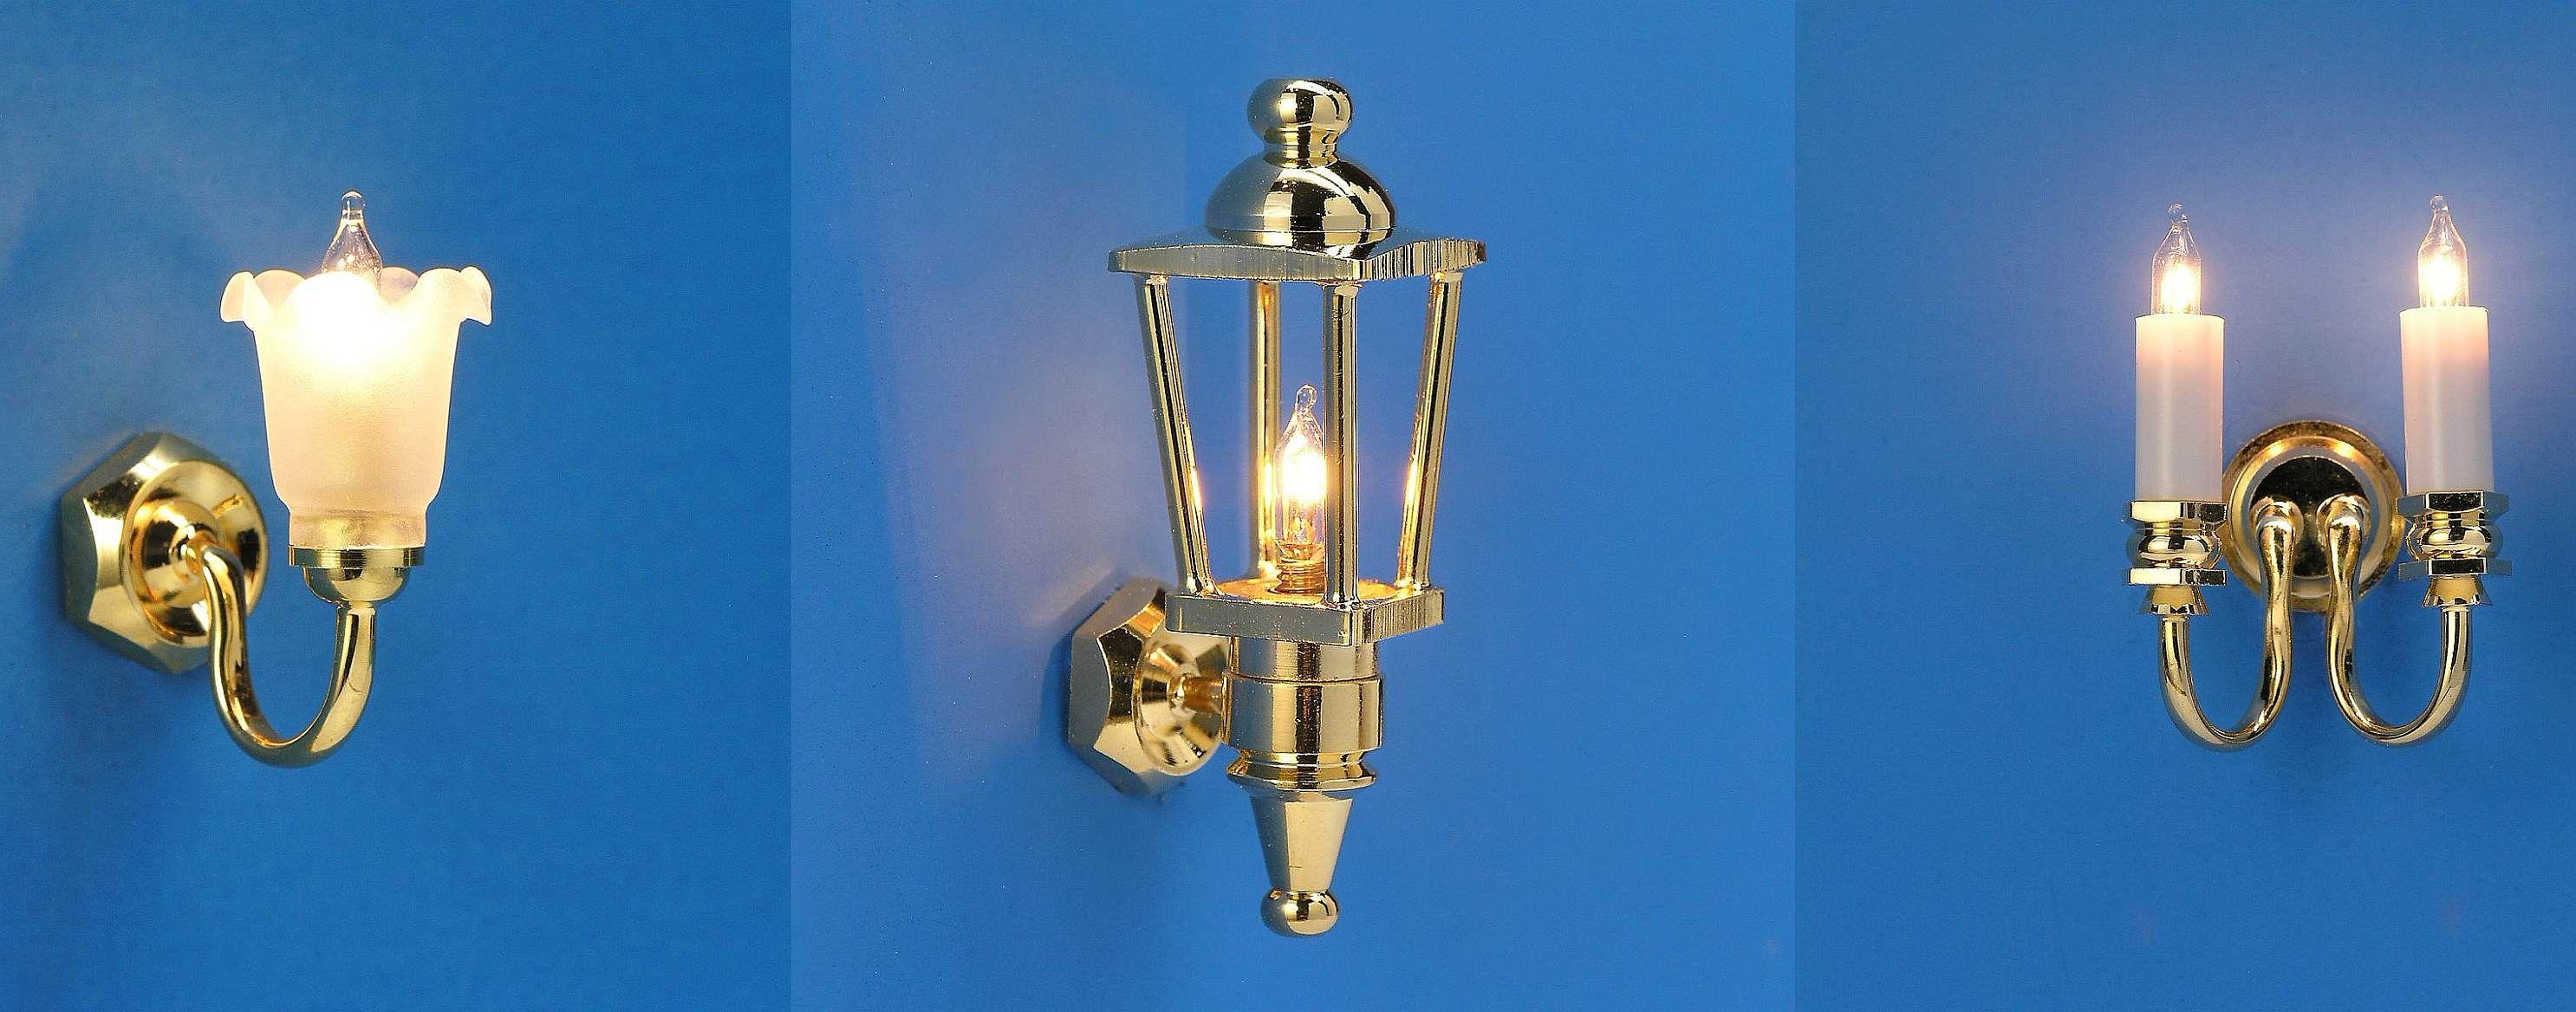 Serie Minilux Unsere Mini S Habens In Sich Aus Messing Gefertigt Vergoldet Und Das Zu Einem Preis Der Ihre Augen Zum Leuchten Bring Beleuchtung Lampen Licht